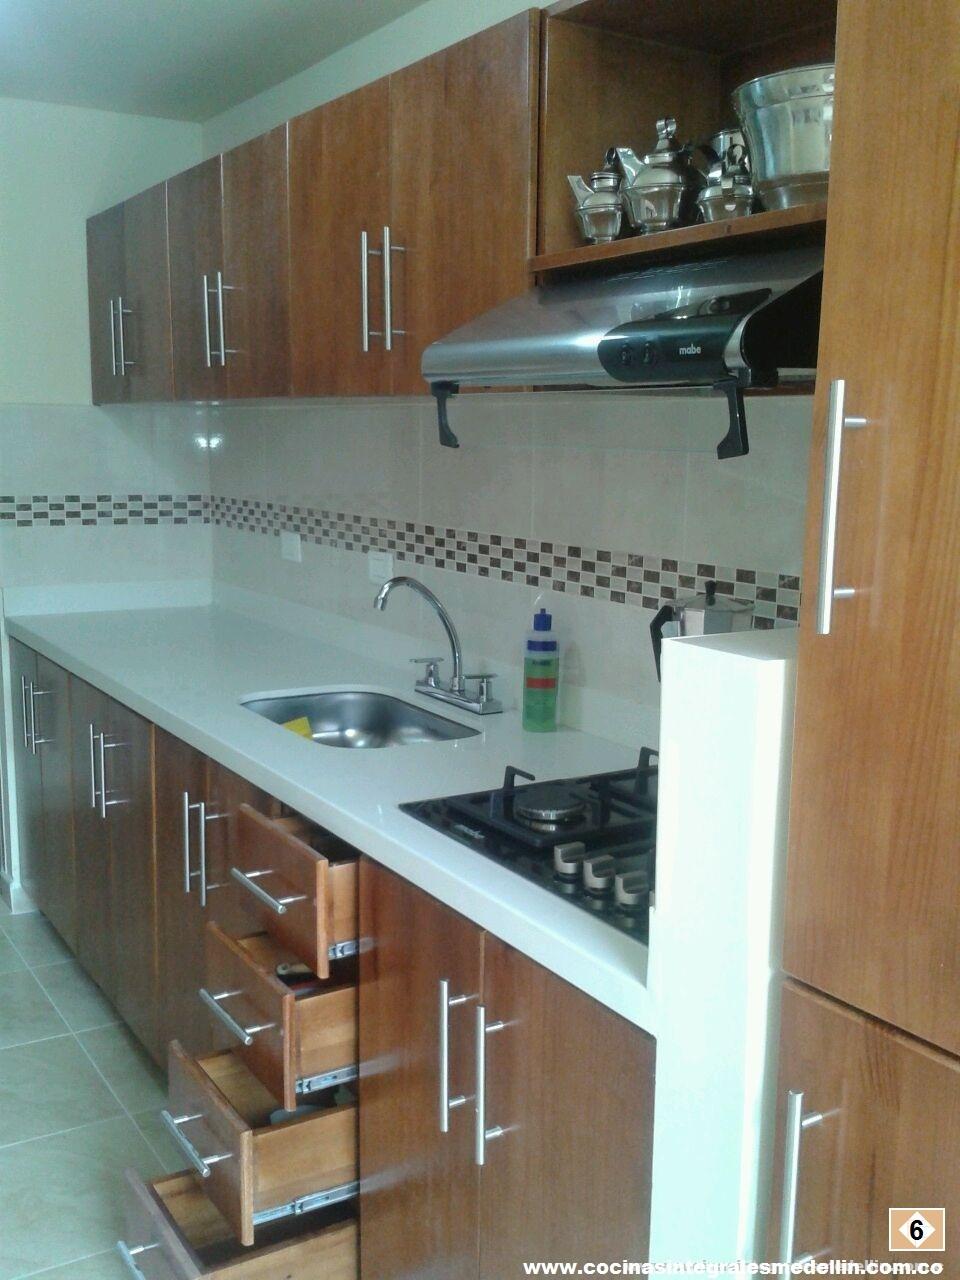 Cocinas integrales medellin colombia cocinas integrales en madera medellin - Precios cocinas integrales ...